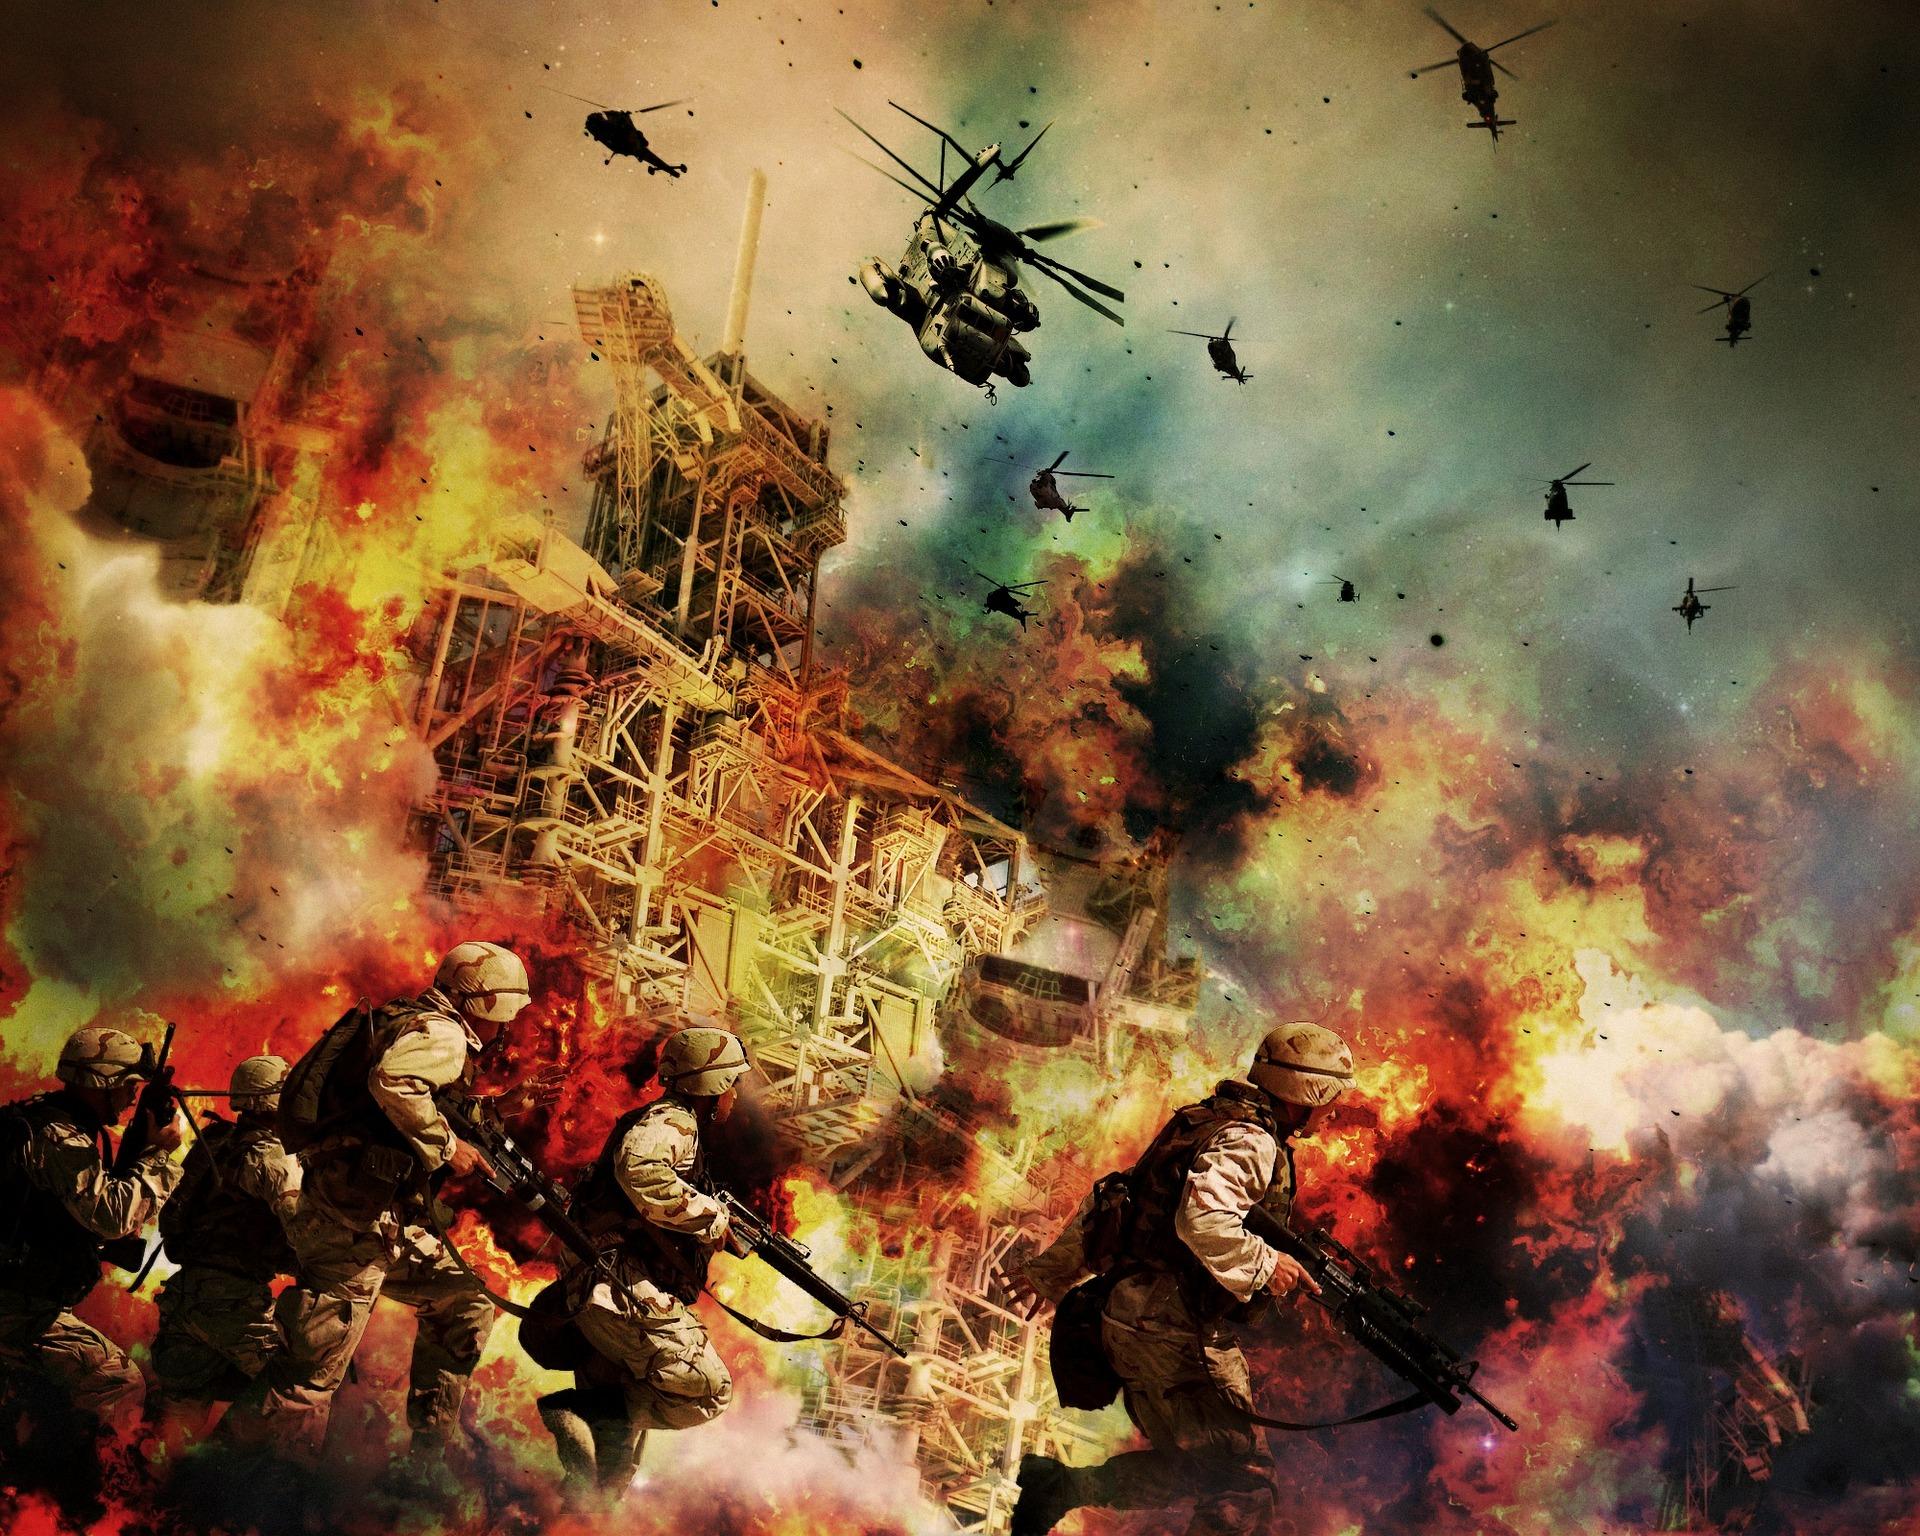 戦争のイメージ